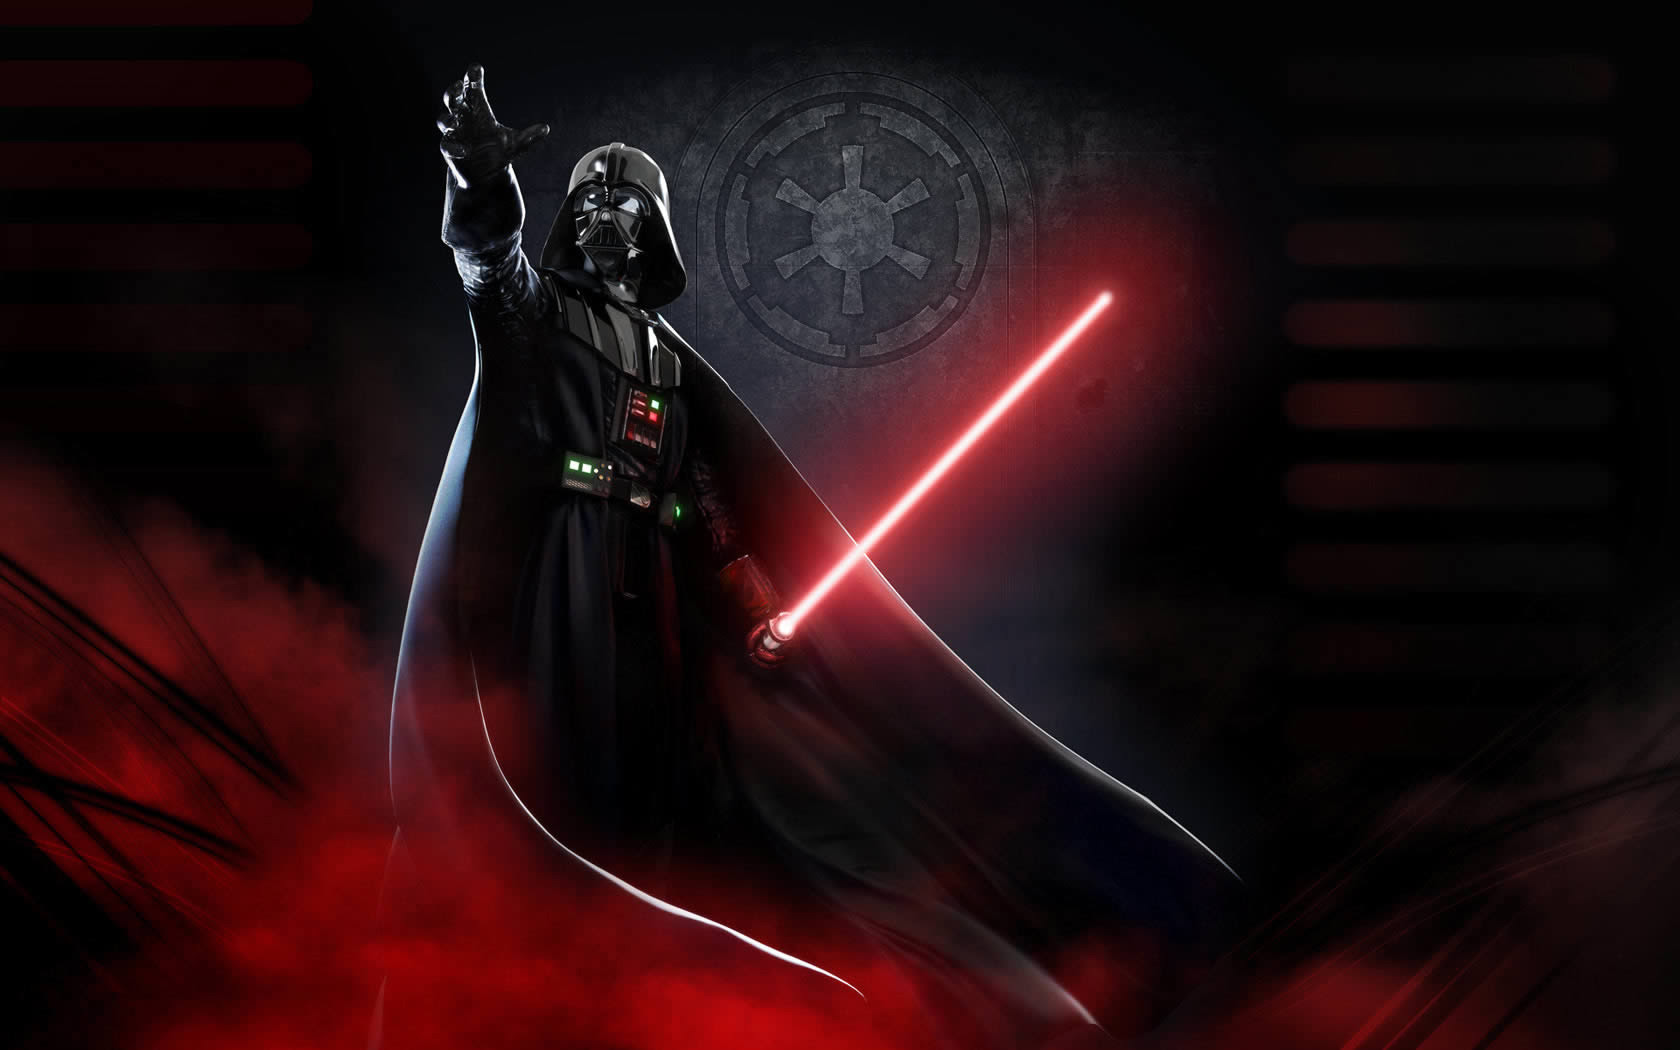 Badass Darth Vader Wallpaper Top Background Darthvaderwallpaper